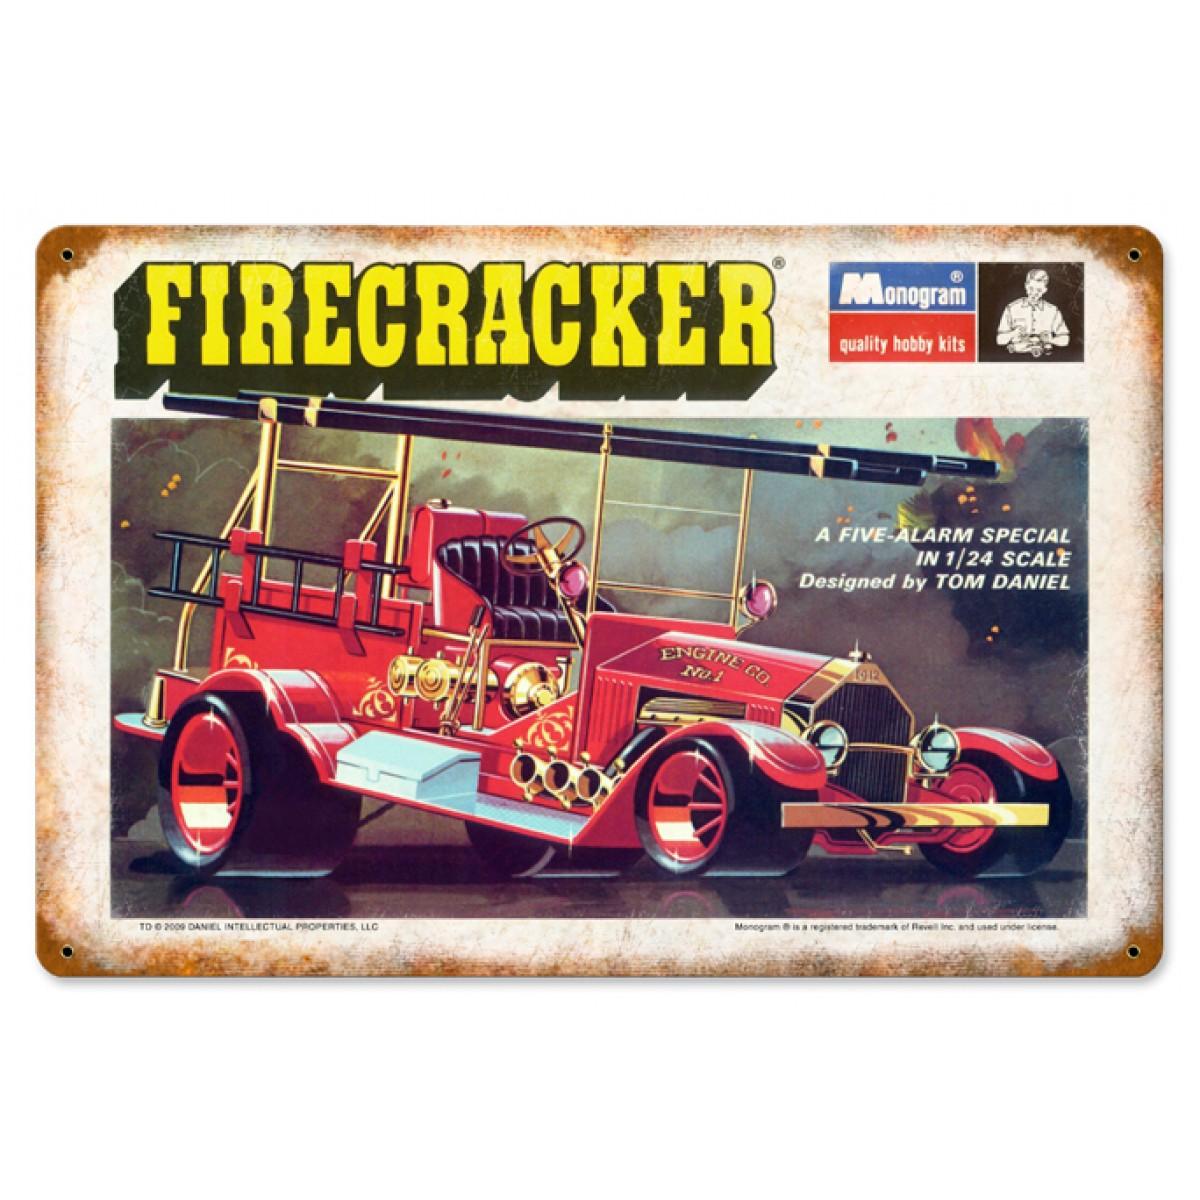 Firecracker - Metal Signs - Gameroom